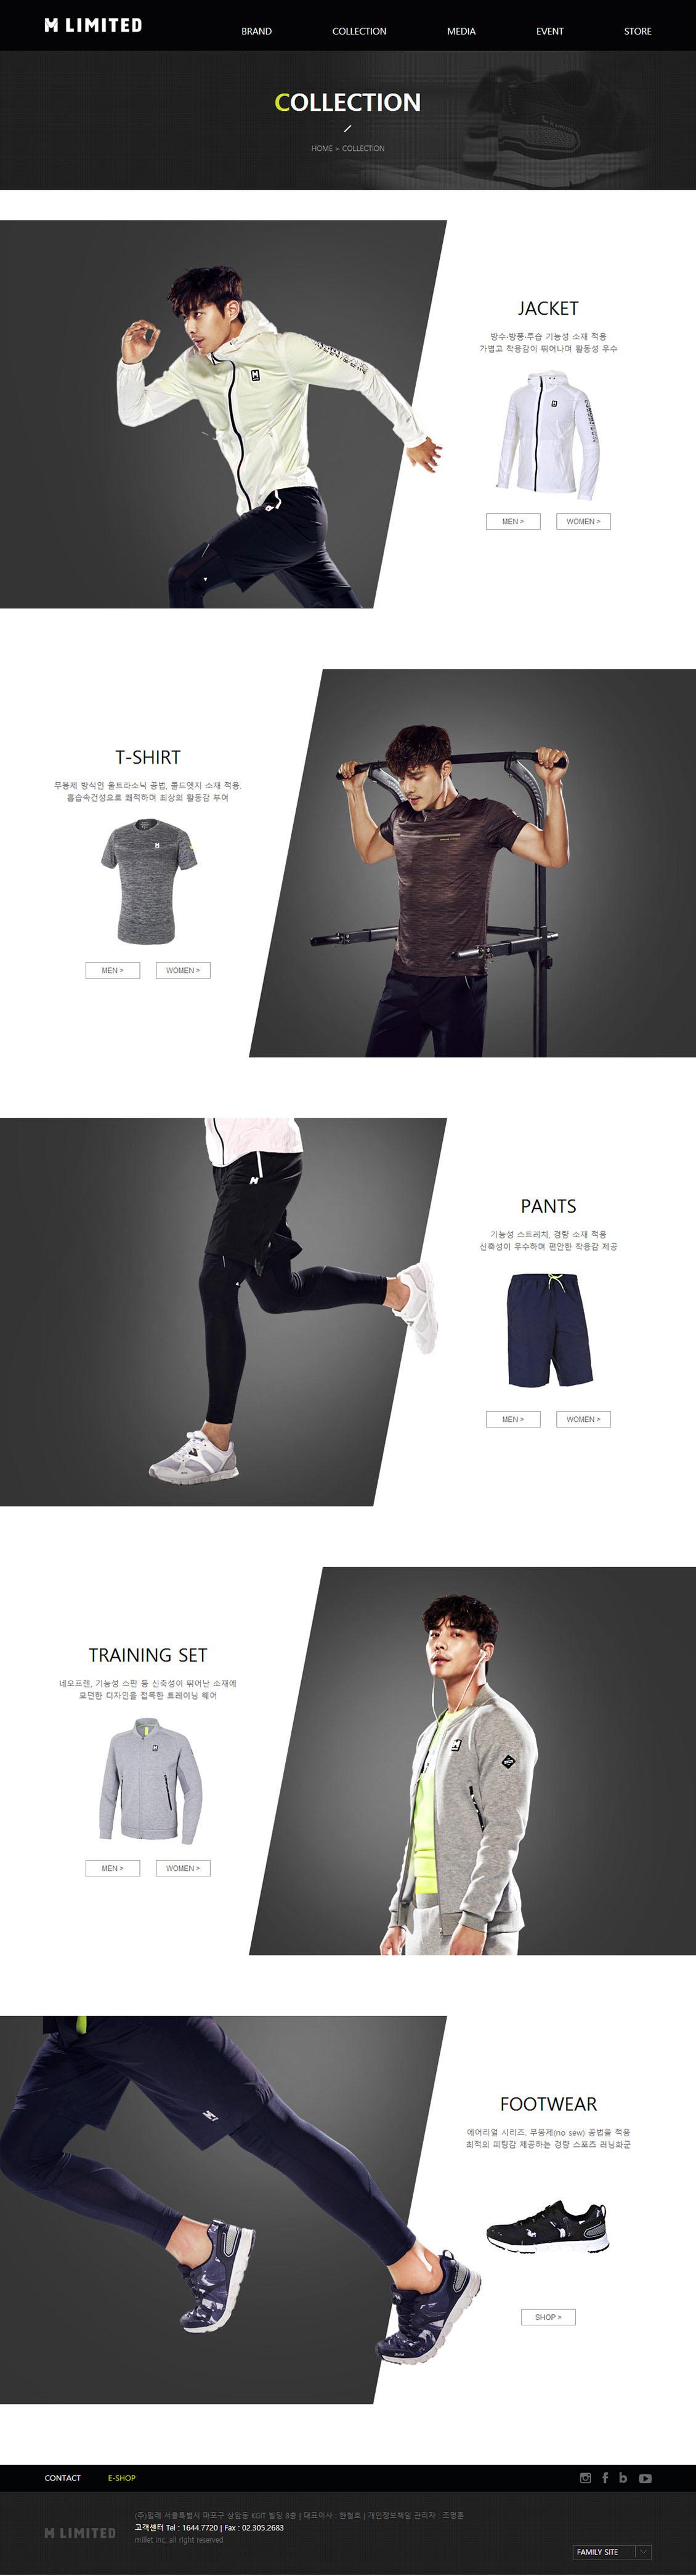 韓國大型m-limited戶外運動裝備產品網站